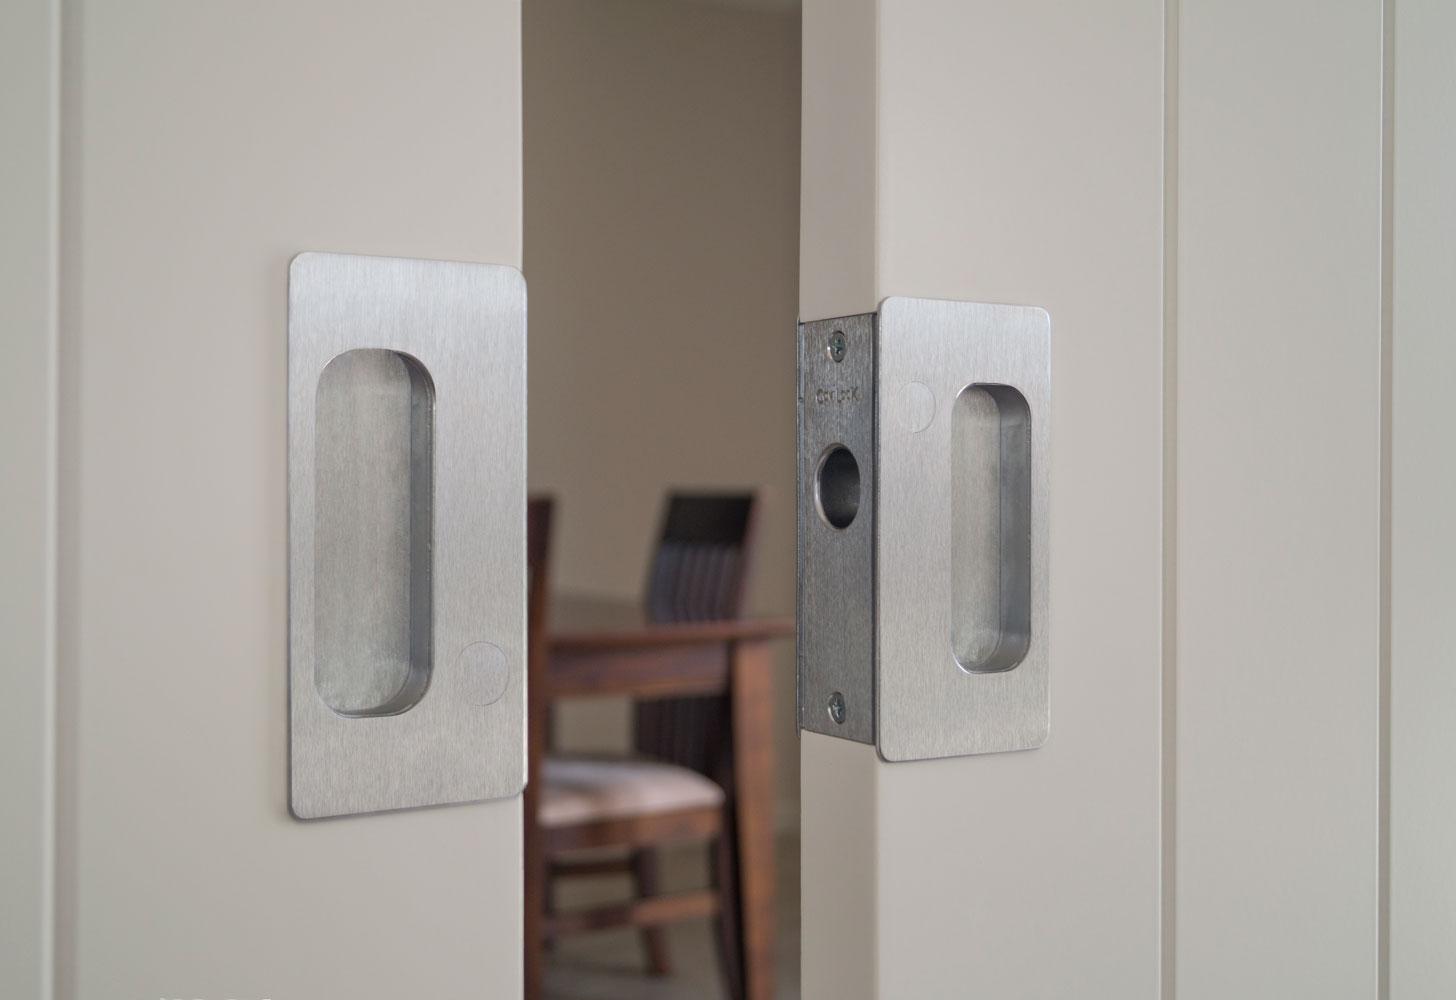 Residential Door Hardware Gallery Cs Cavity Sliders